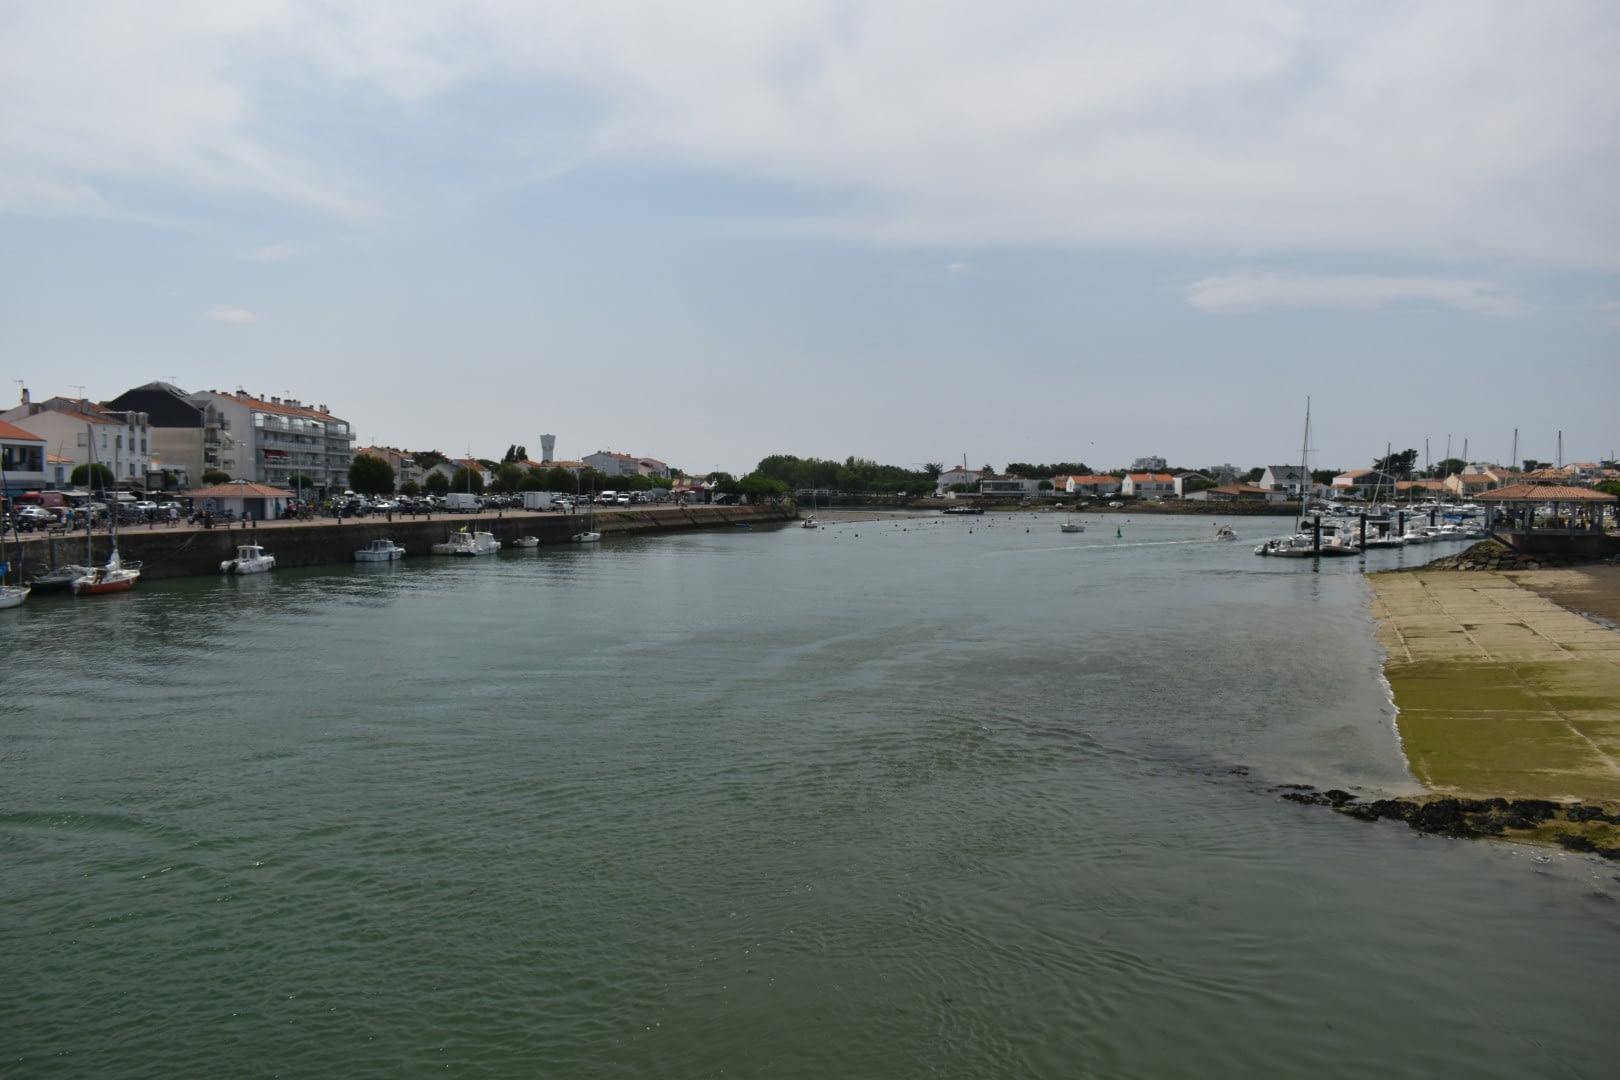 Port de la Vie, Saint-Gilles-Croix-de-Vie